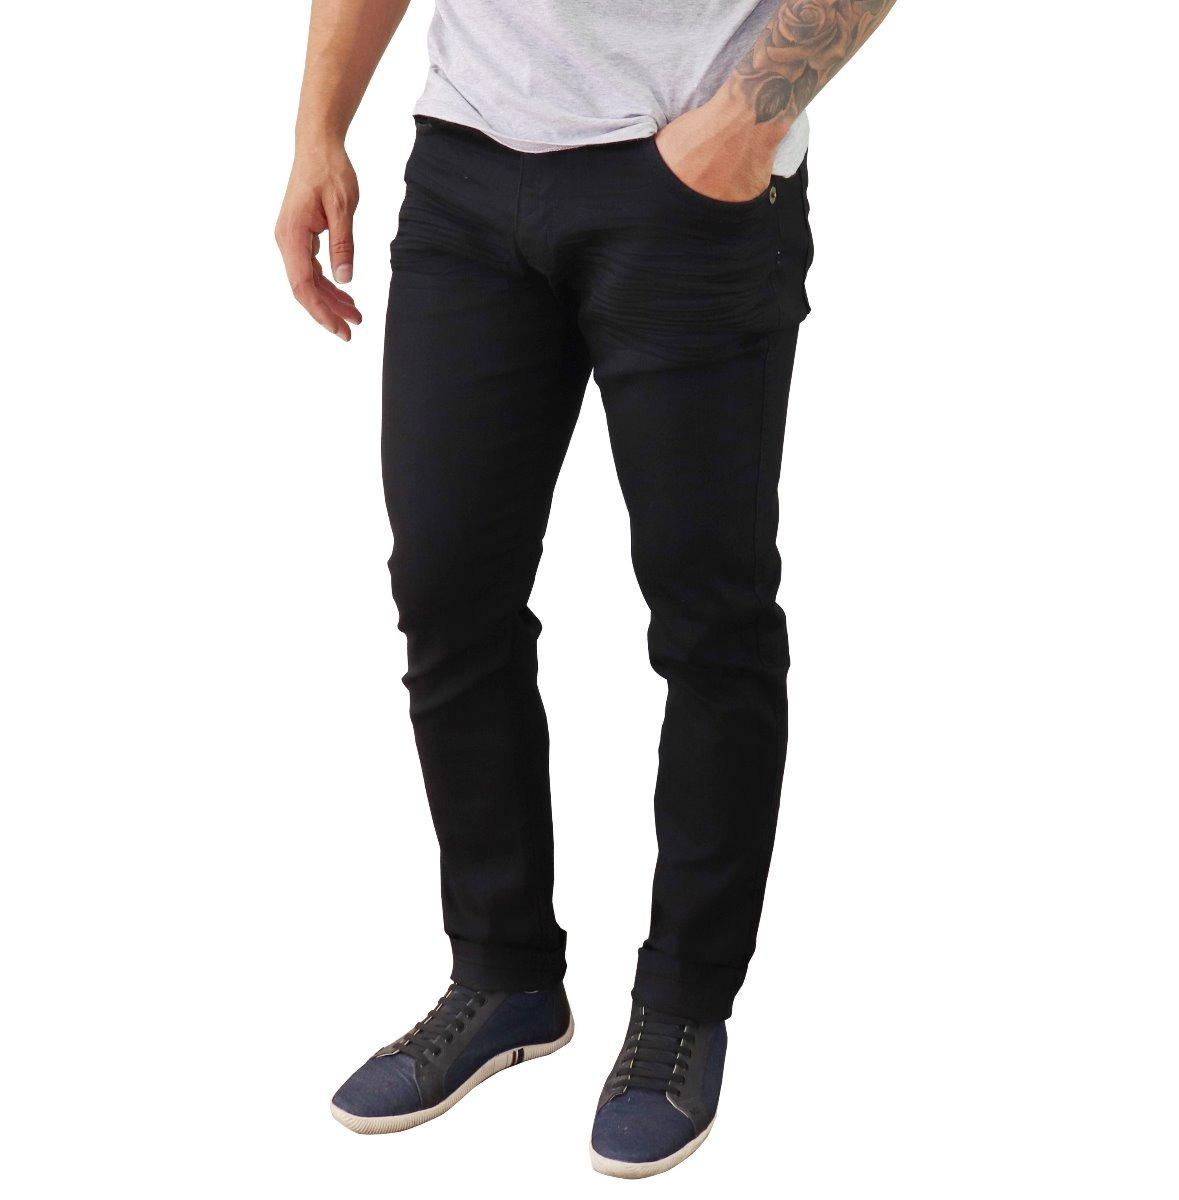 f5e260f8c kit 3 calça jeans sarja masculina slim skinny com lycra. Carregando zoom.